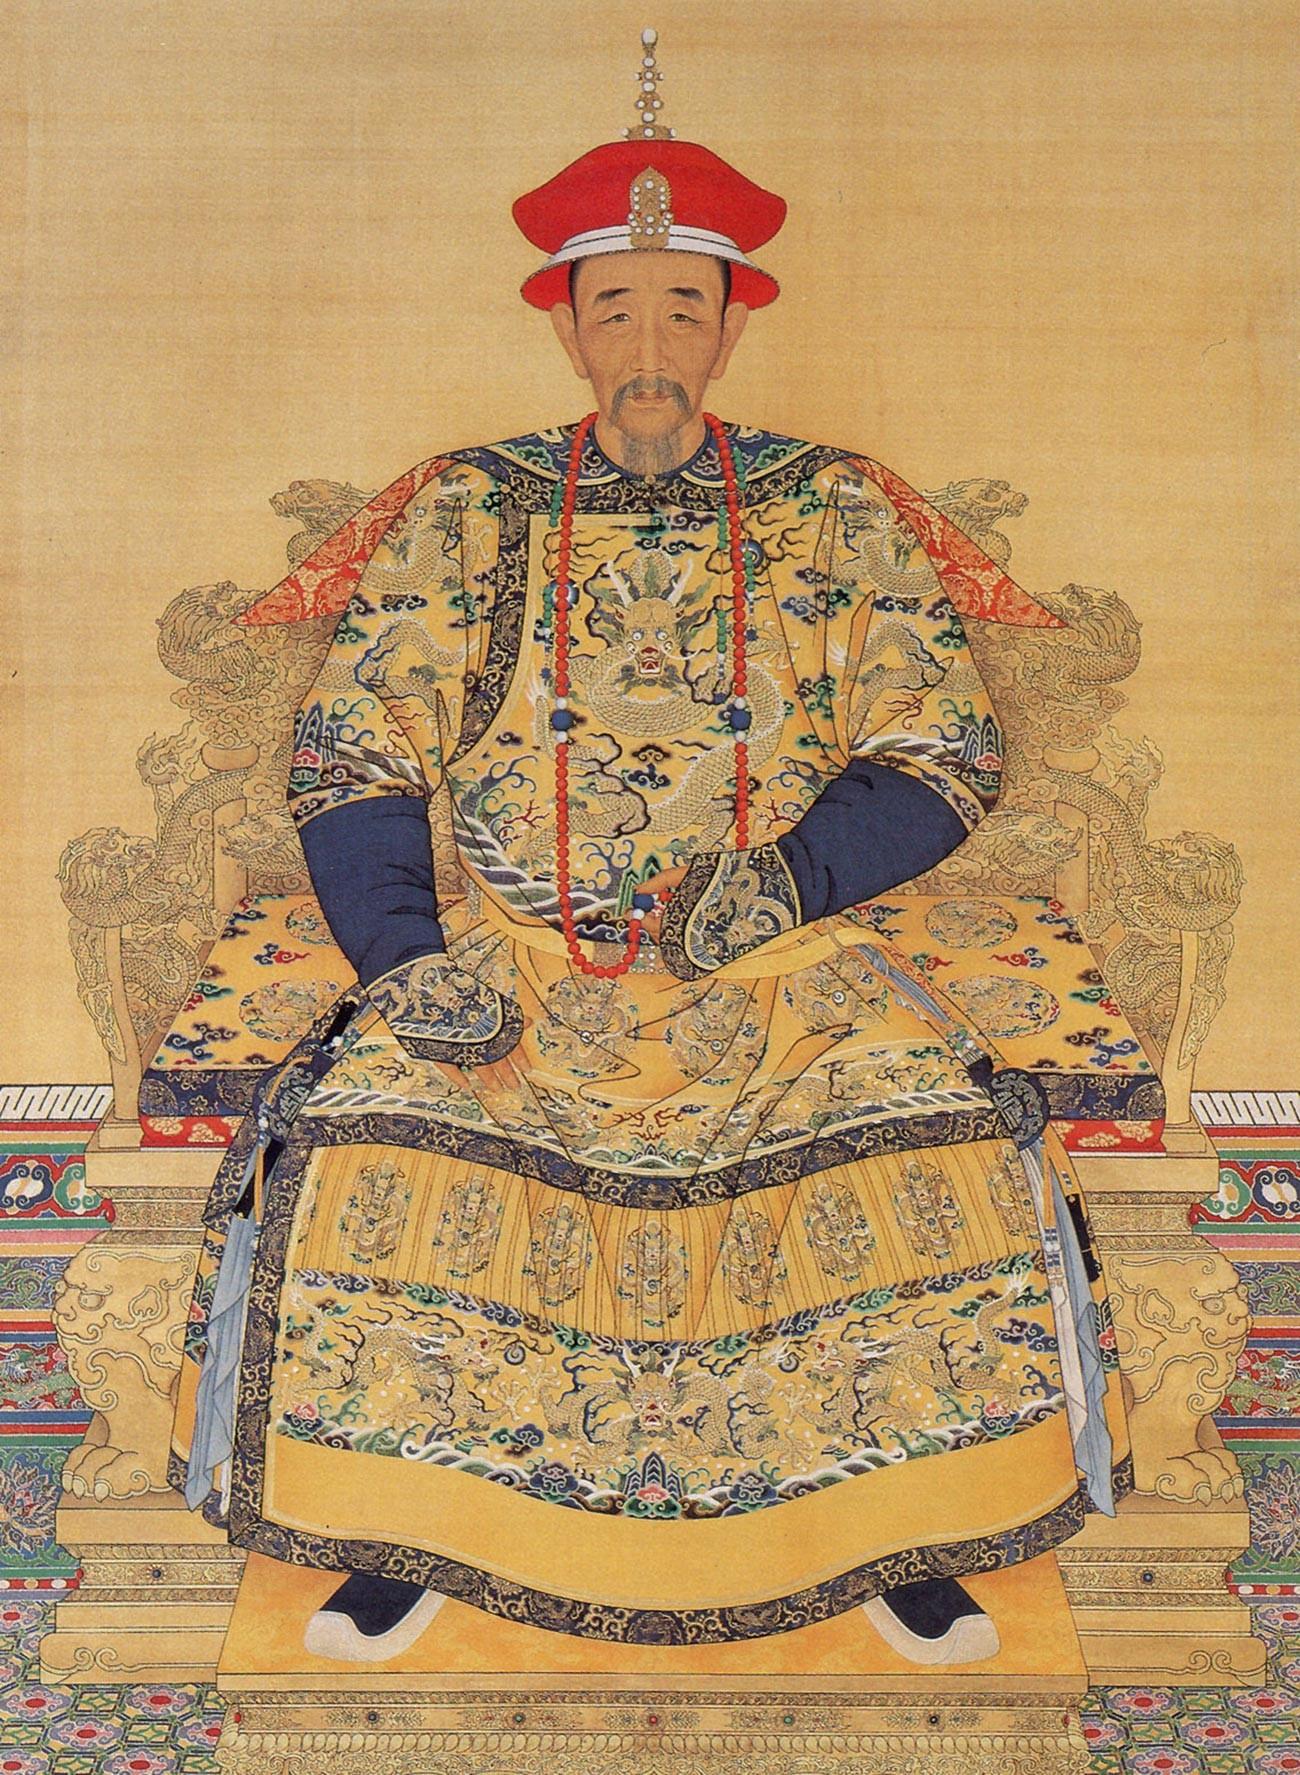 Айсингьоро Сюанье, манджурски император от династията Цин (от 7 февруари 1661 г., ера Канси от 18 февруари 1662 г. до 4 февруари 1723 г., виж китайския календар). Четвъртият представител на Манджурската династия, управлявала цял Китай, който е бил част от империята Цин